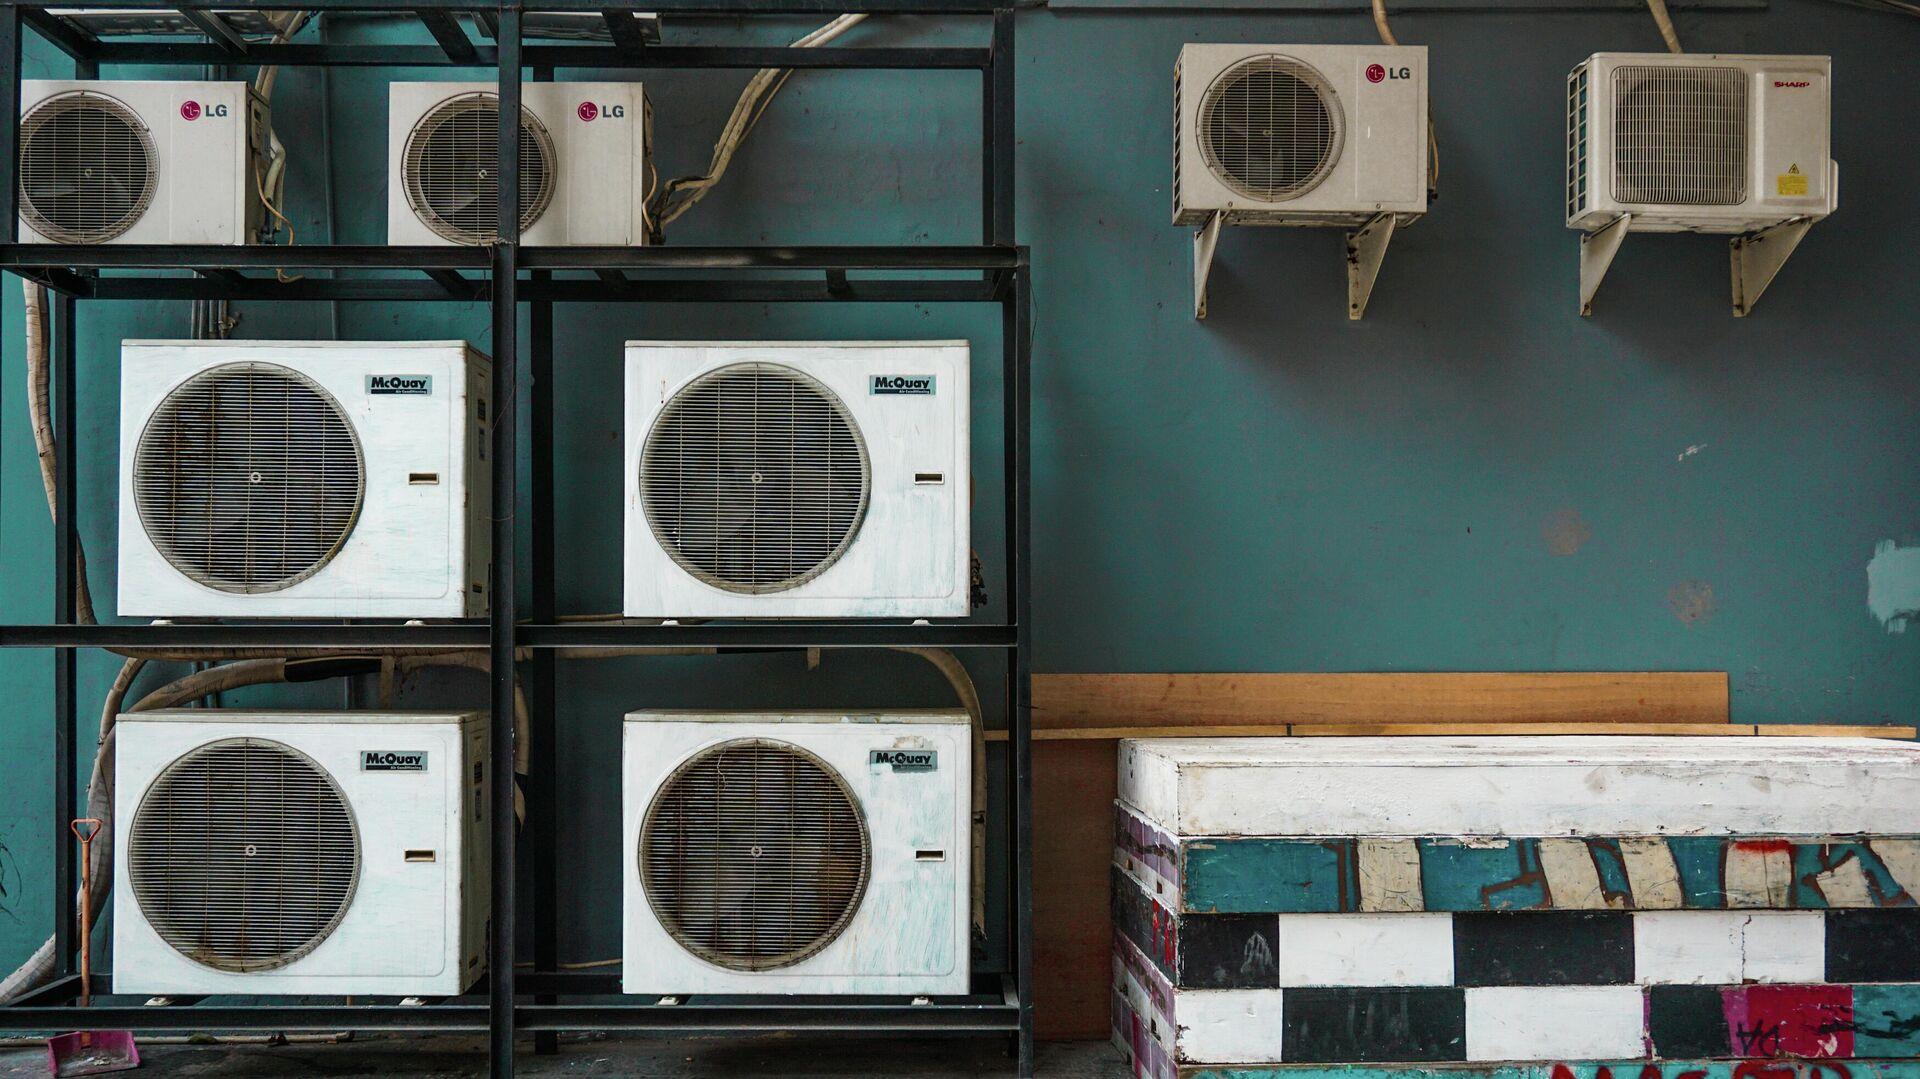 Acondicionadores de aire - Sputnik Mundo, 1920, 03.05.2021